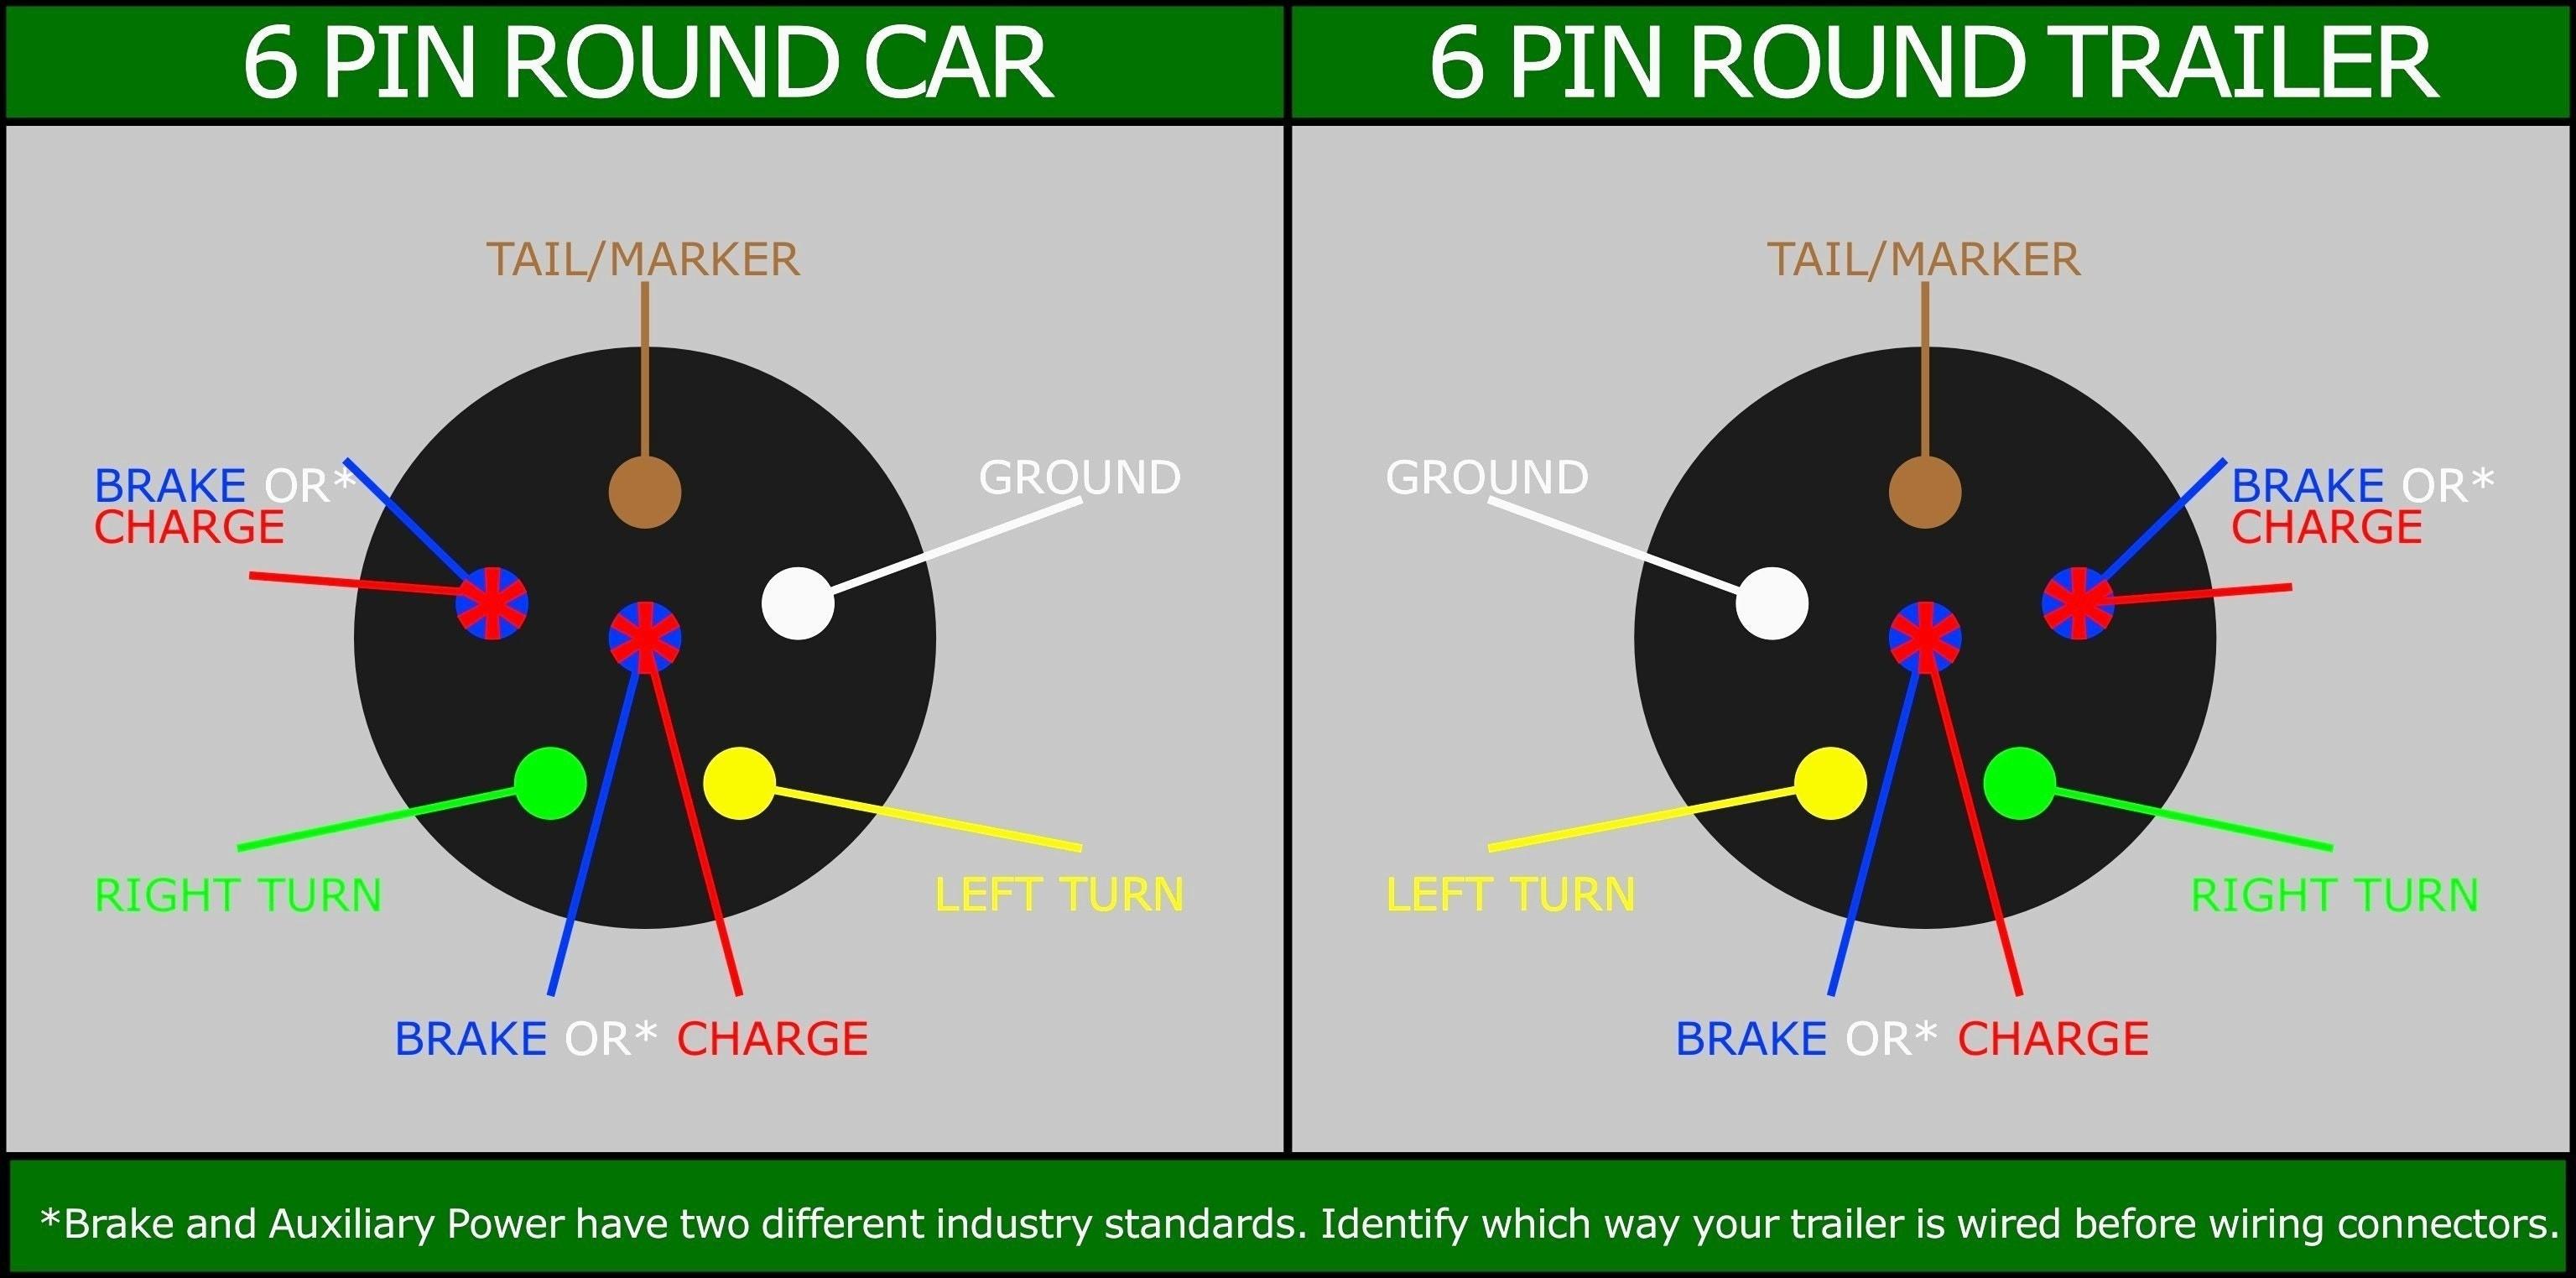 7 Pin Wiring Diagram Wiring Diagram for 7 Way Trailer Plug Electrical Circuit 7 Blade Of 7 Pin Wiring Diagram